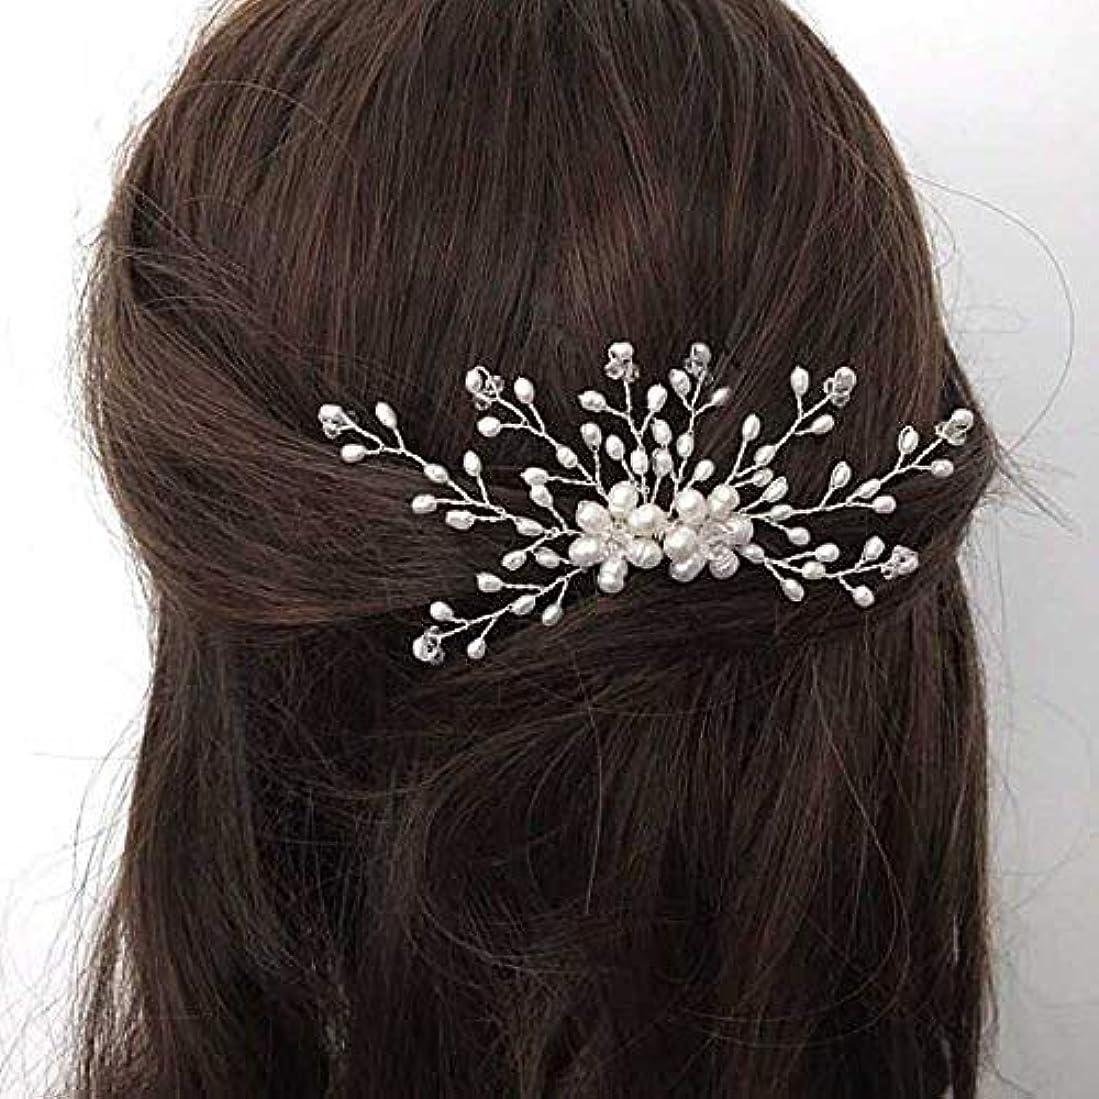 に対応出撃者知り合いJovono Bride Wedding Hair Comb Bridal Headpieces Beaded Hair Accessories with Crystal for Women and Girls (Silver) [並行輸入品]